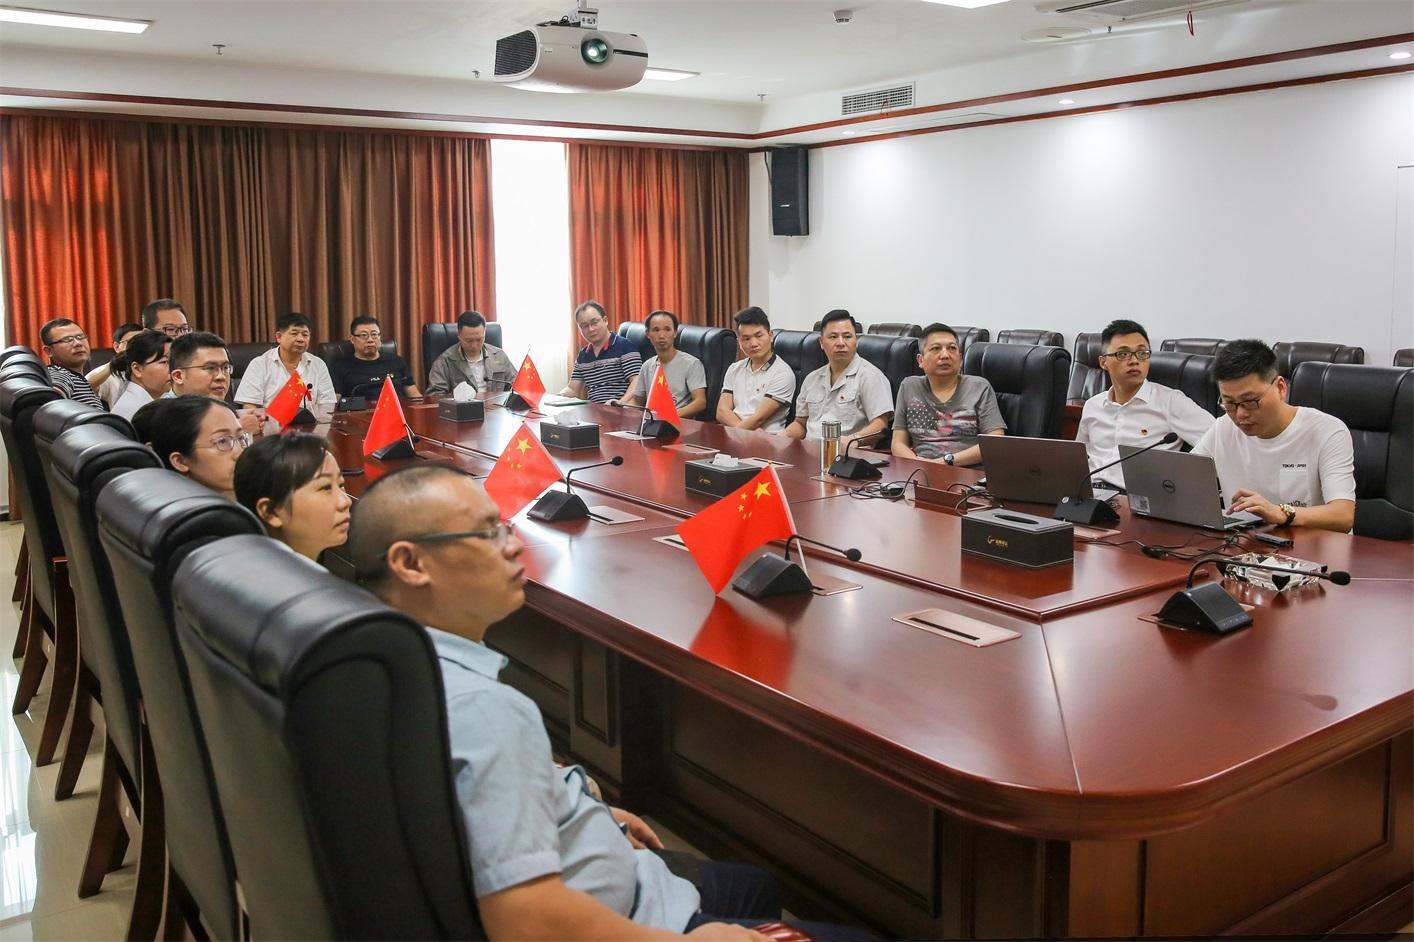 潘郴华带领党员集中收看庆祝中国共产党 成立100周年大会